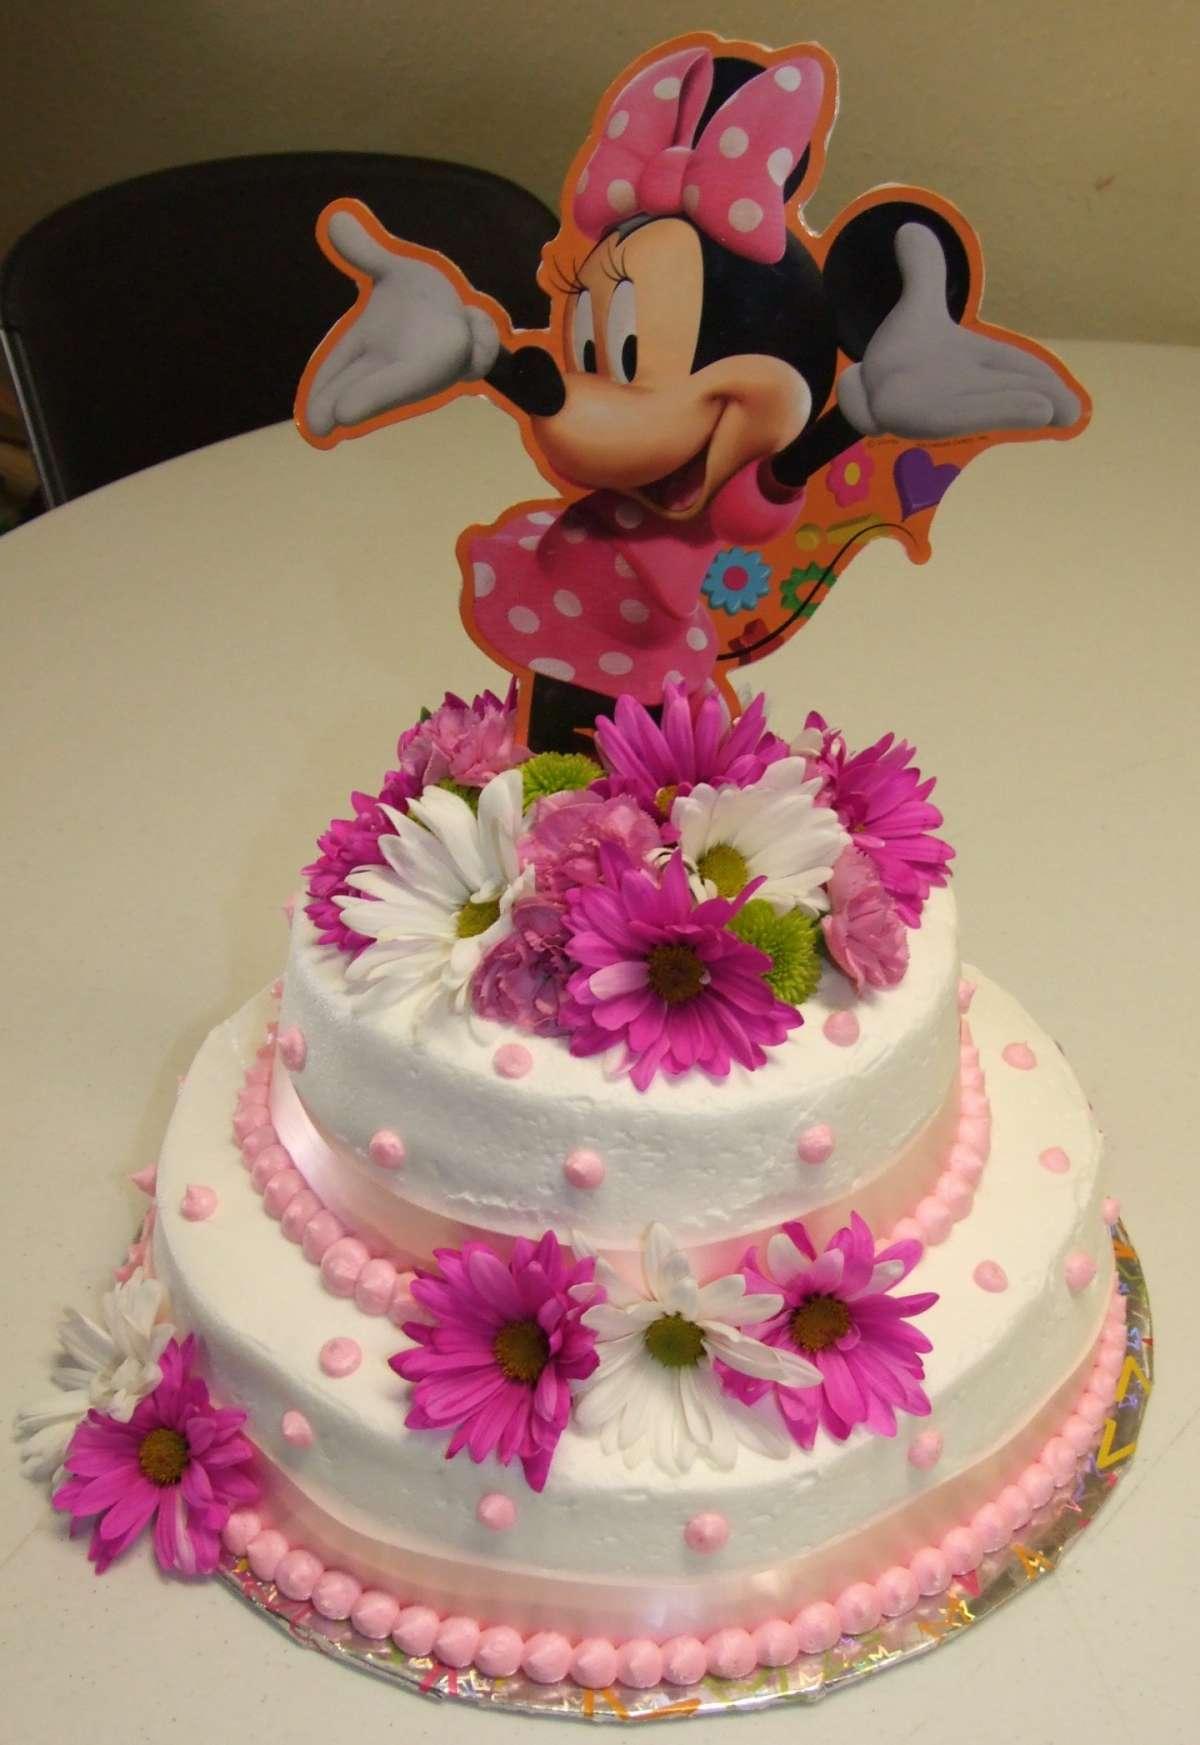 Torta di Minnie con fiori